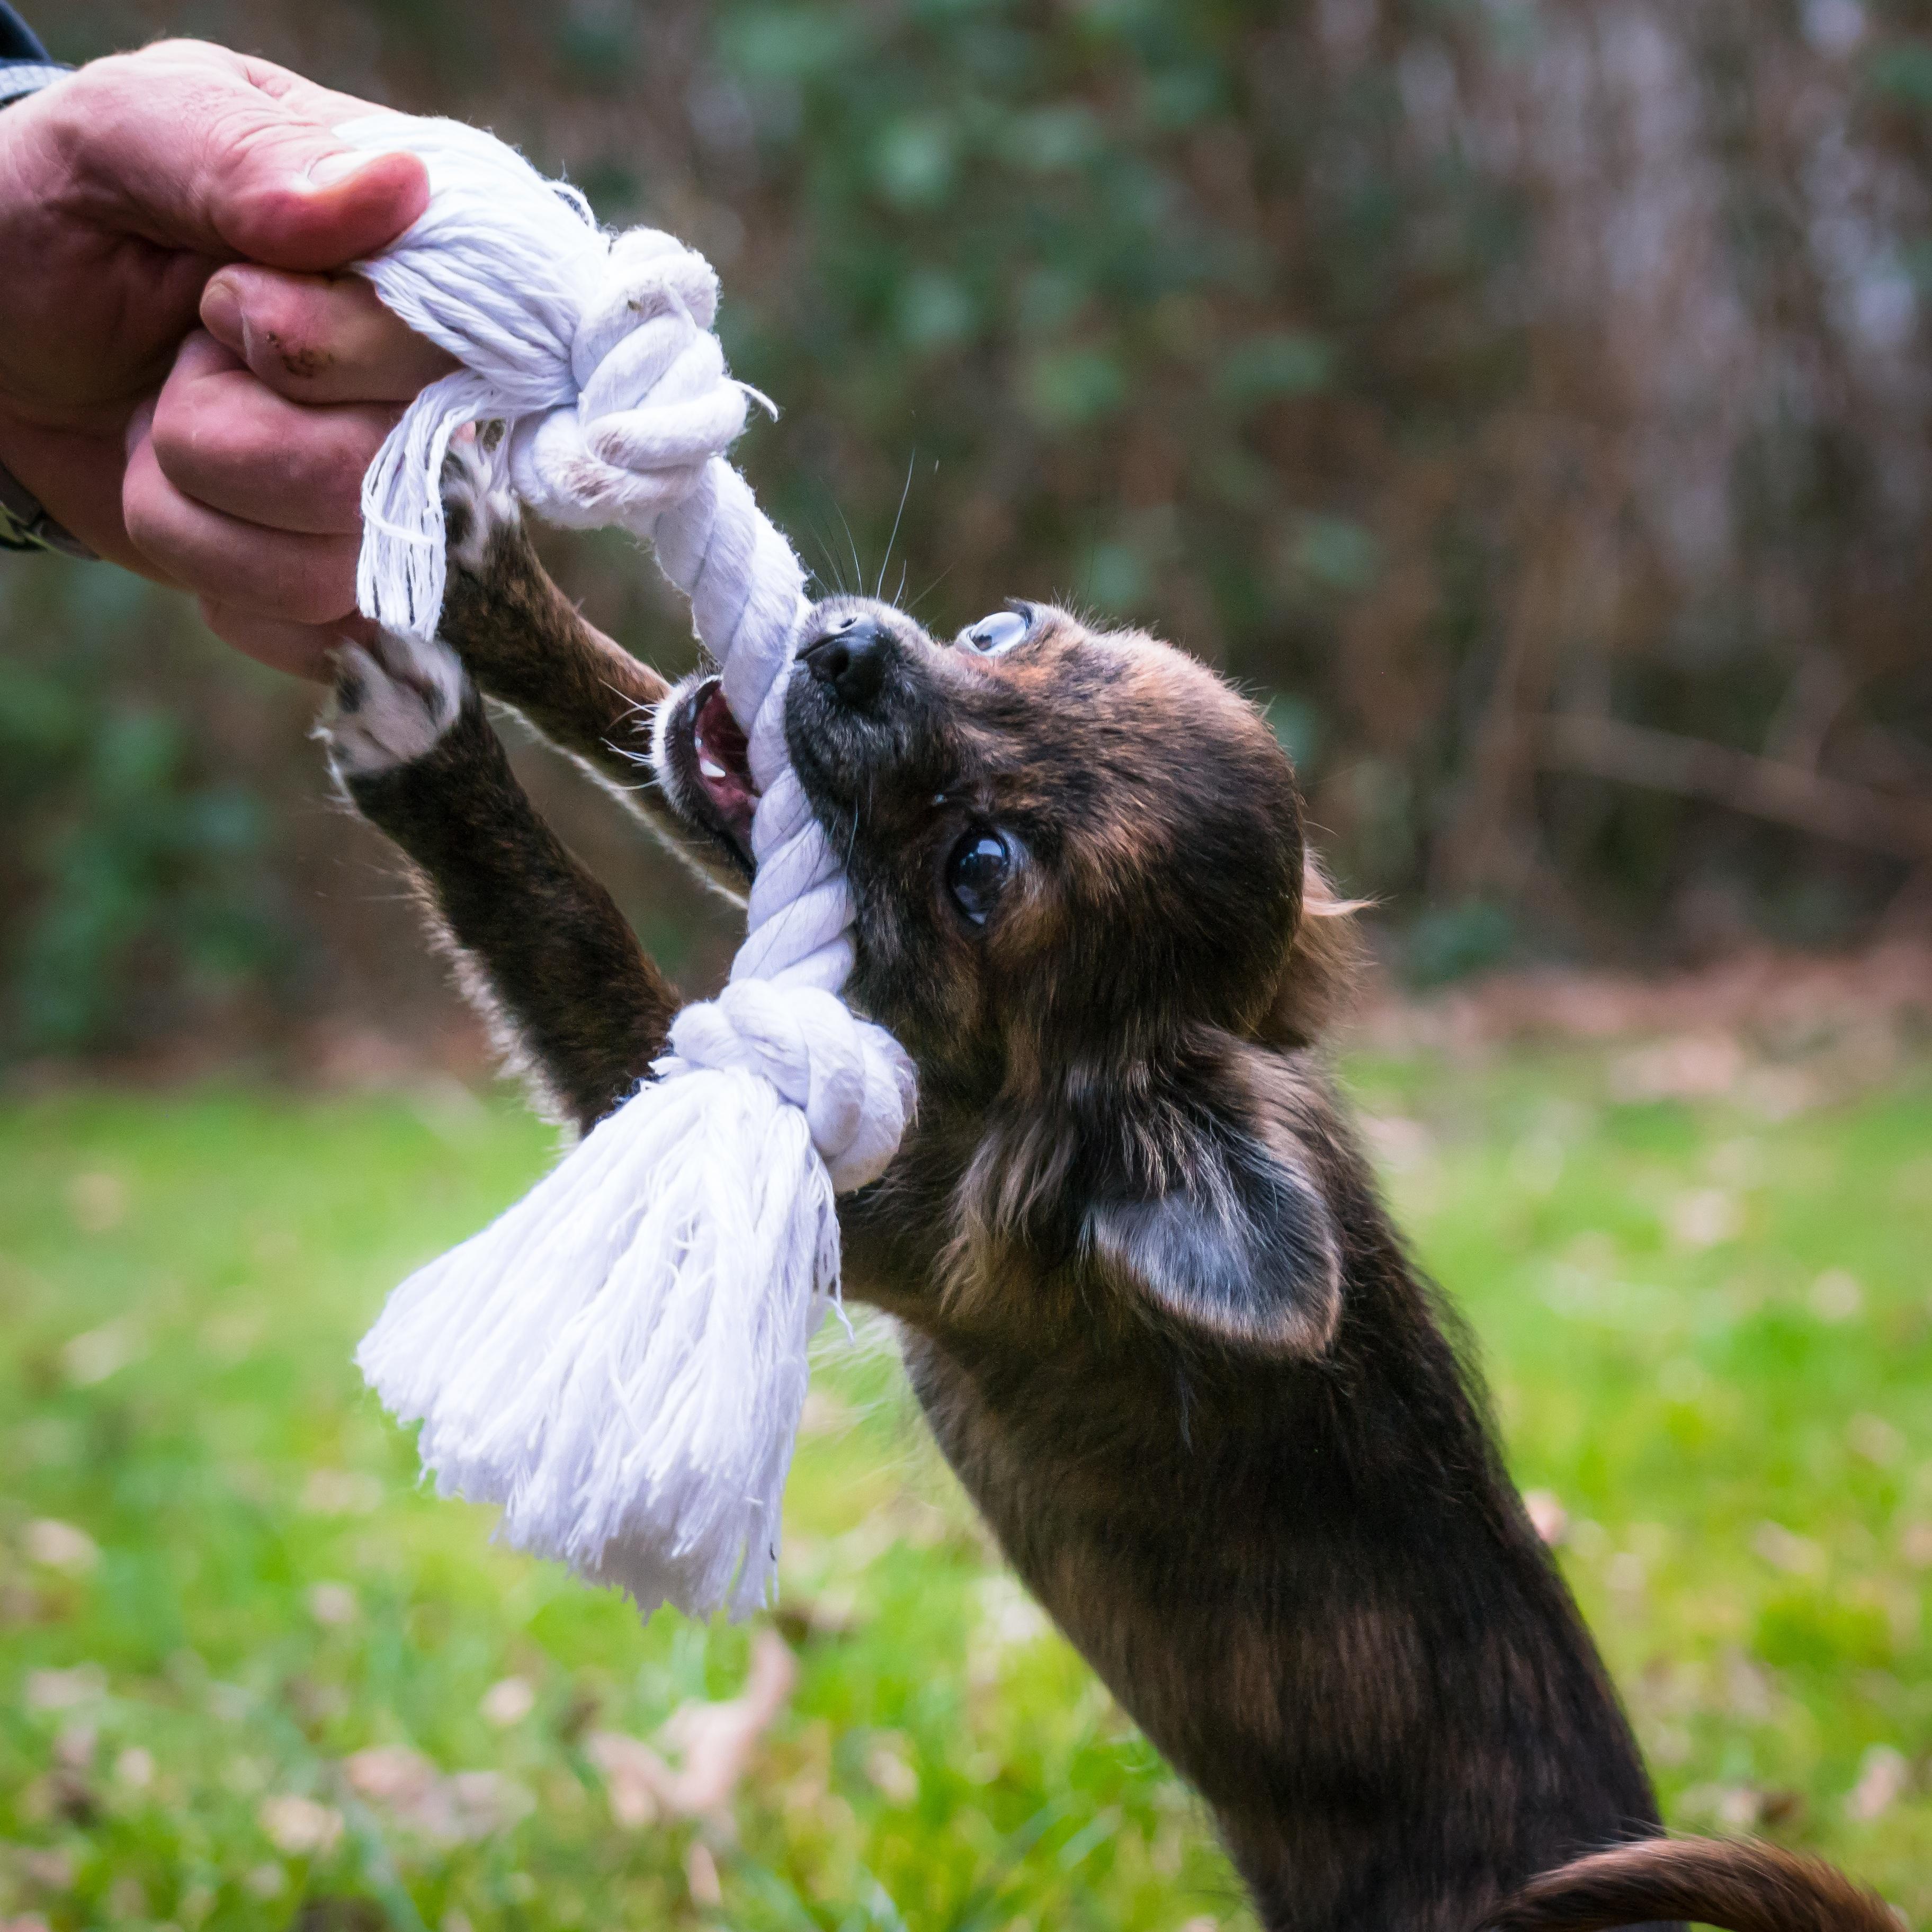 Fotos gratis cuerda jugar perrito linda fauna